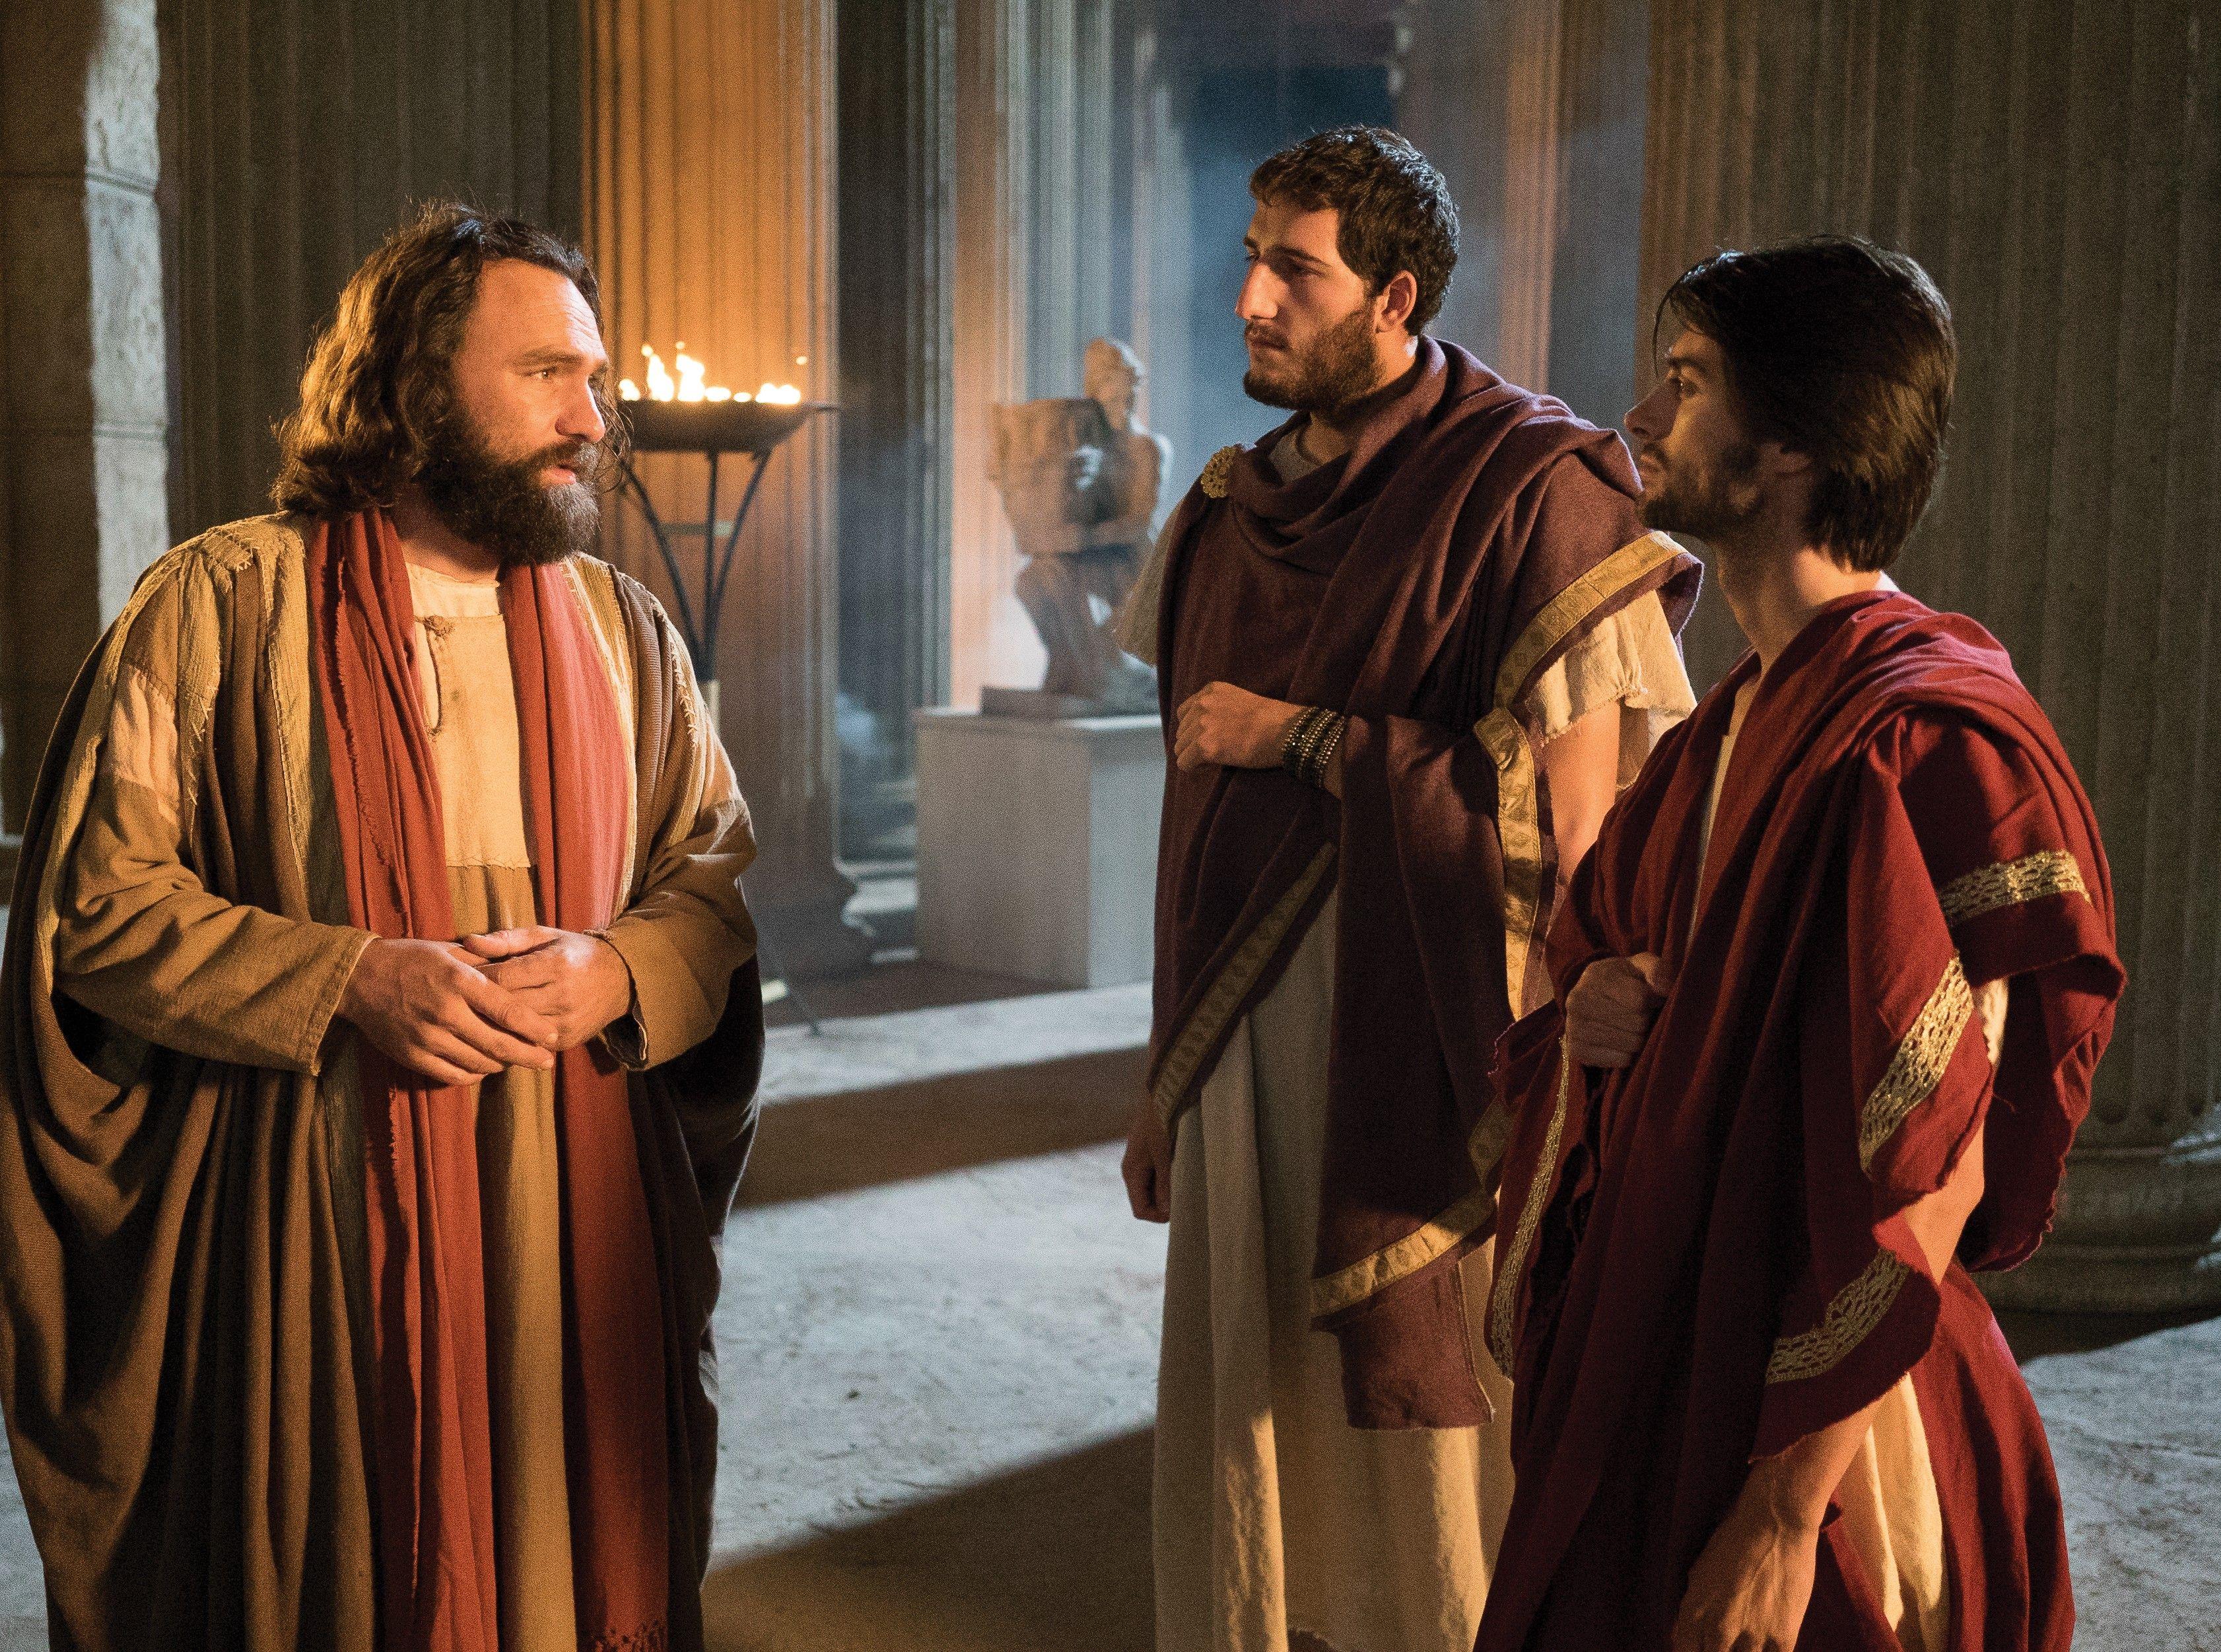 Peter teaching two men.